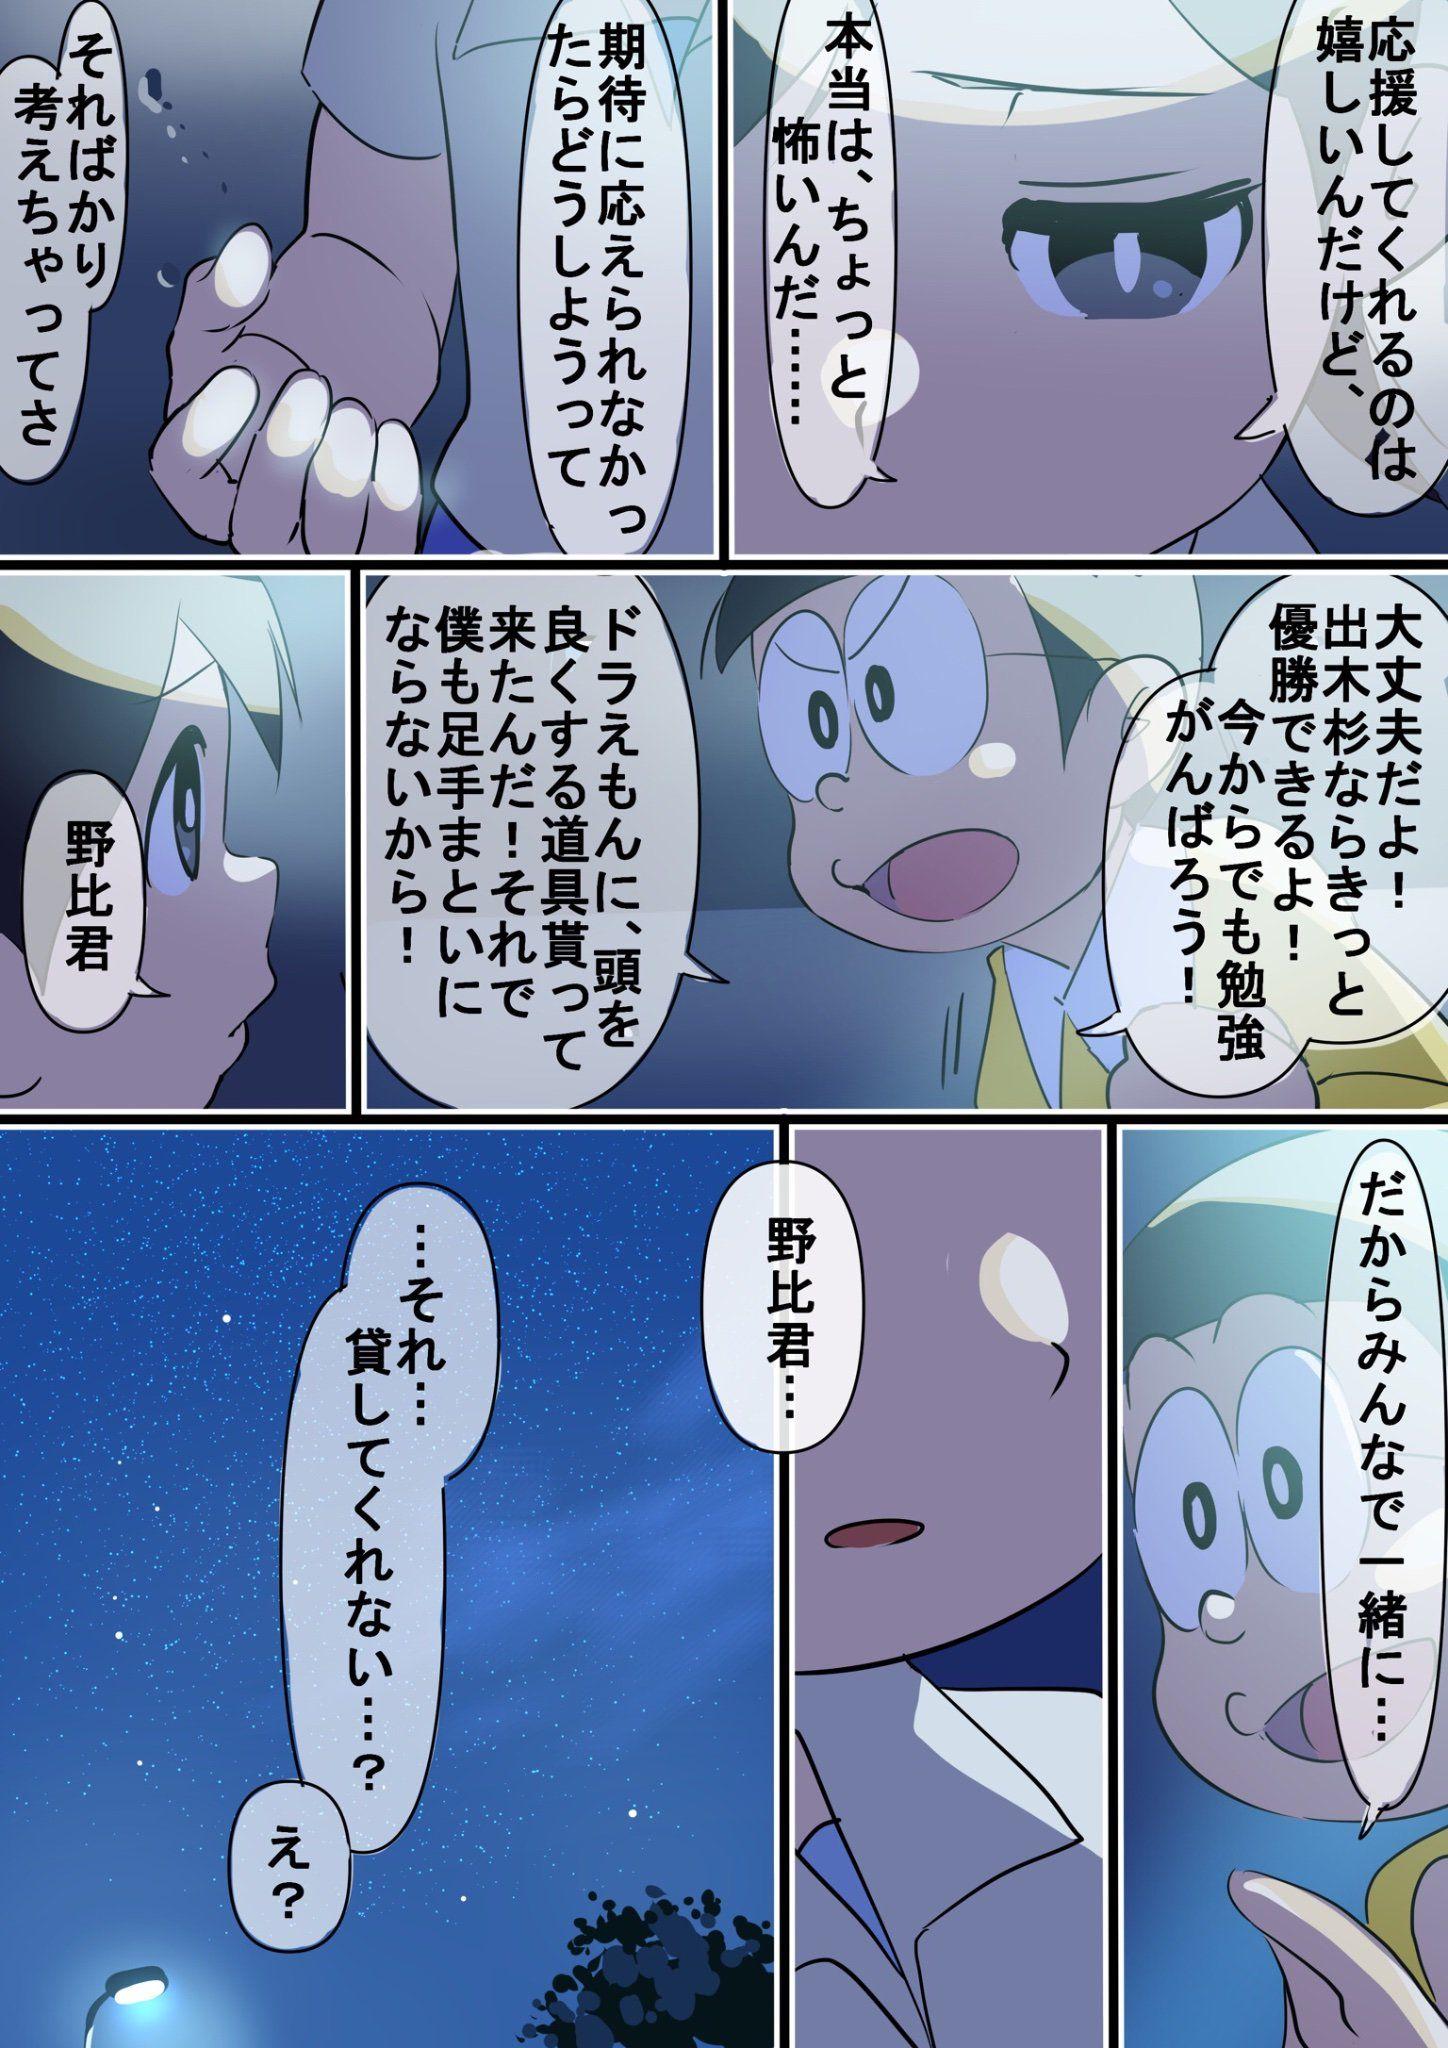 古山 造 on twitter doraemon anime shadow of the colossus